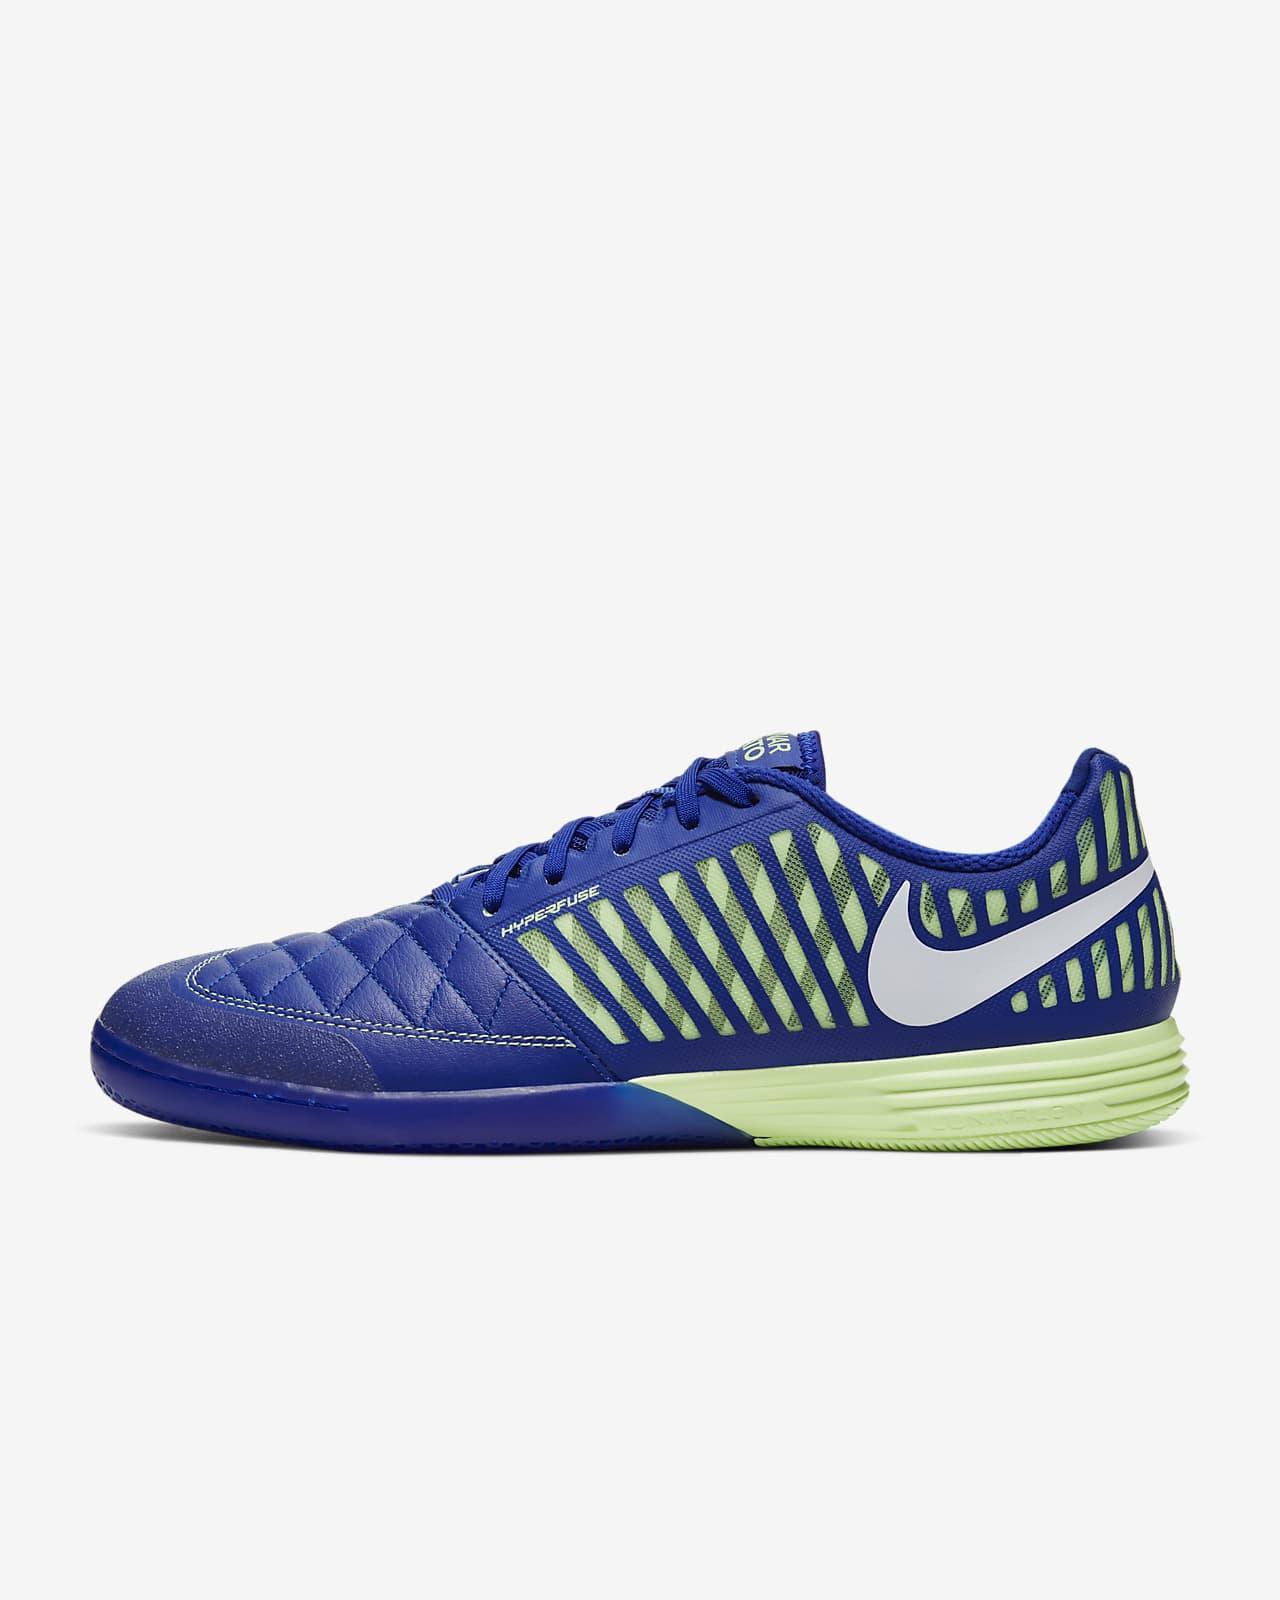 Nike Lunar Gato II IC Fußballschuh für Hallen- und Hartplätze